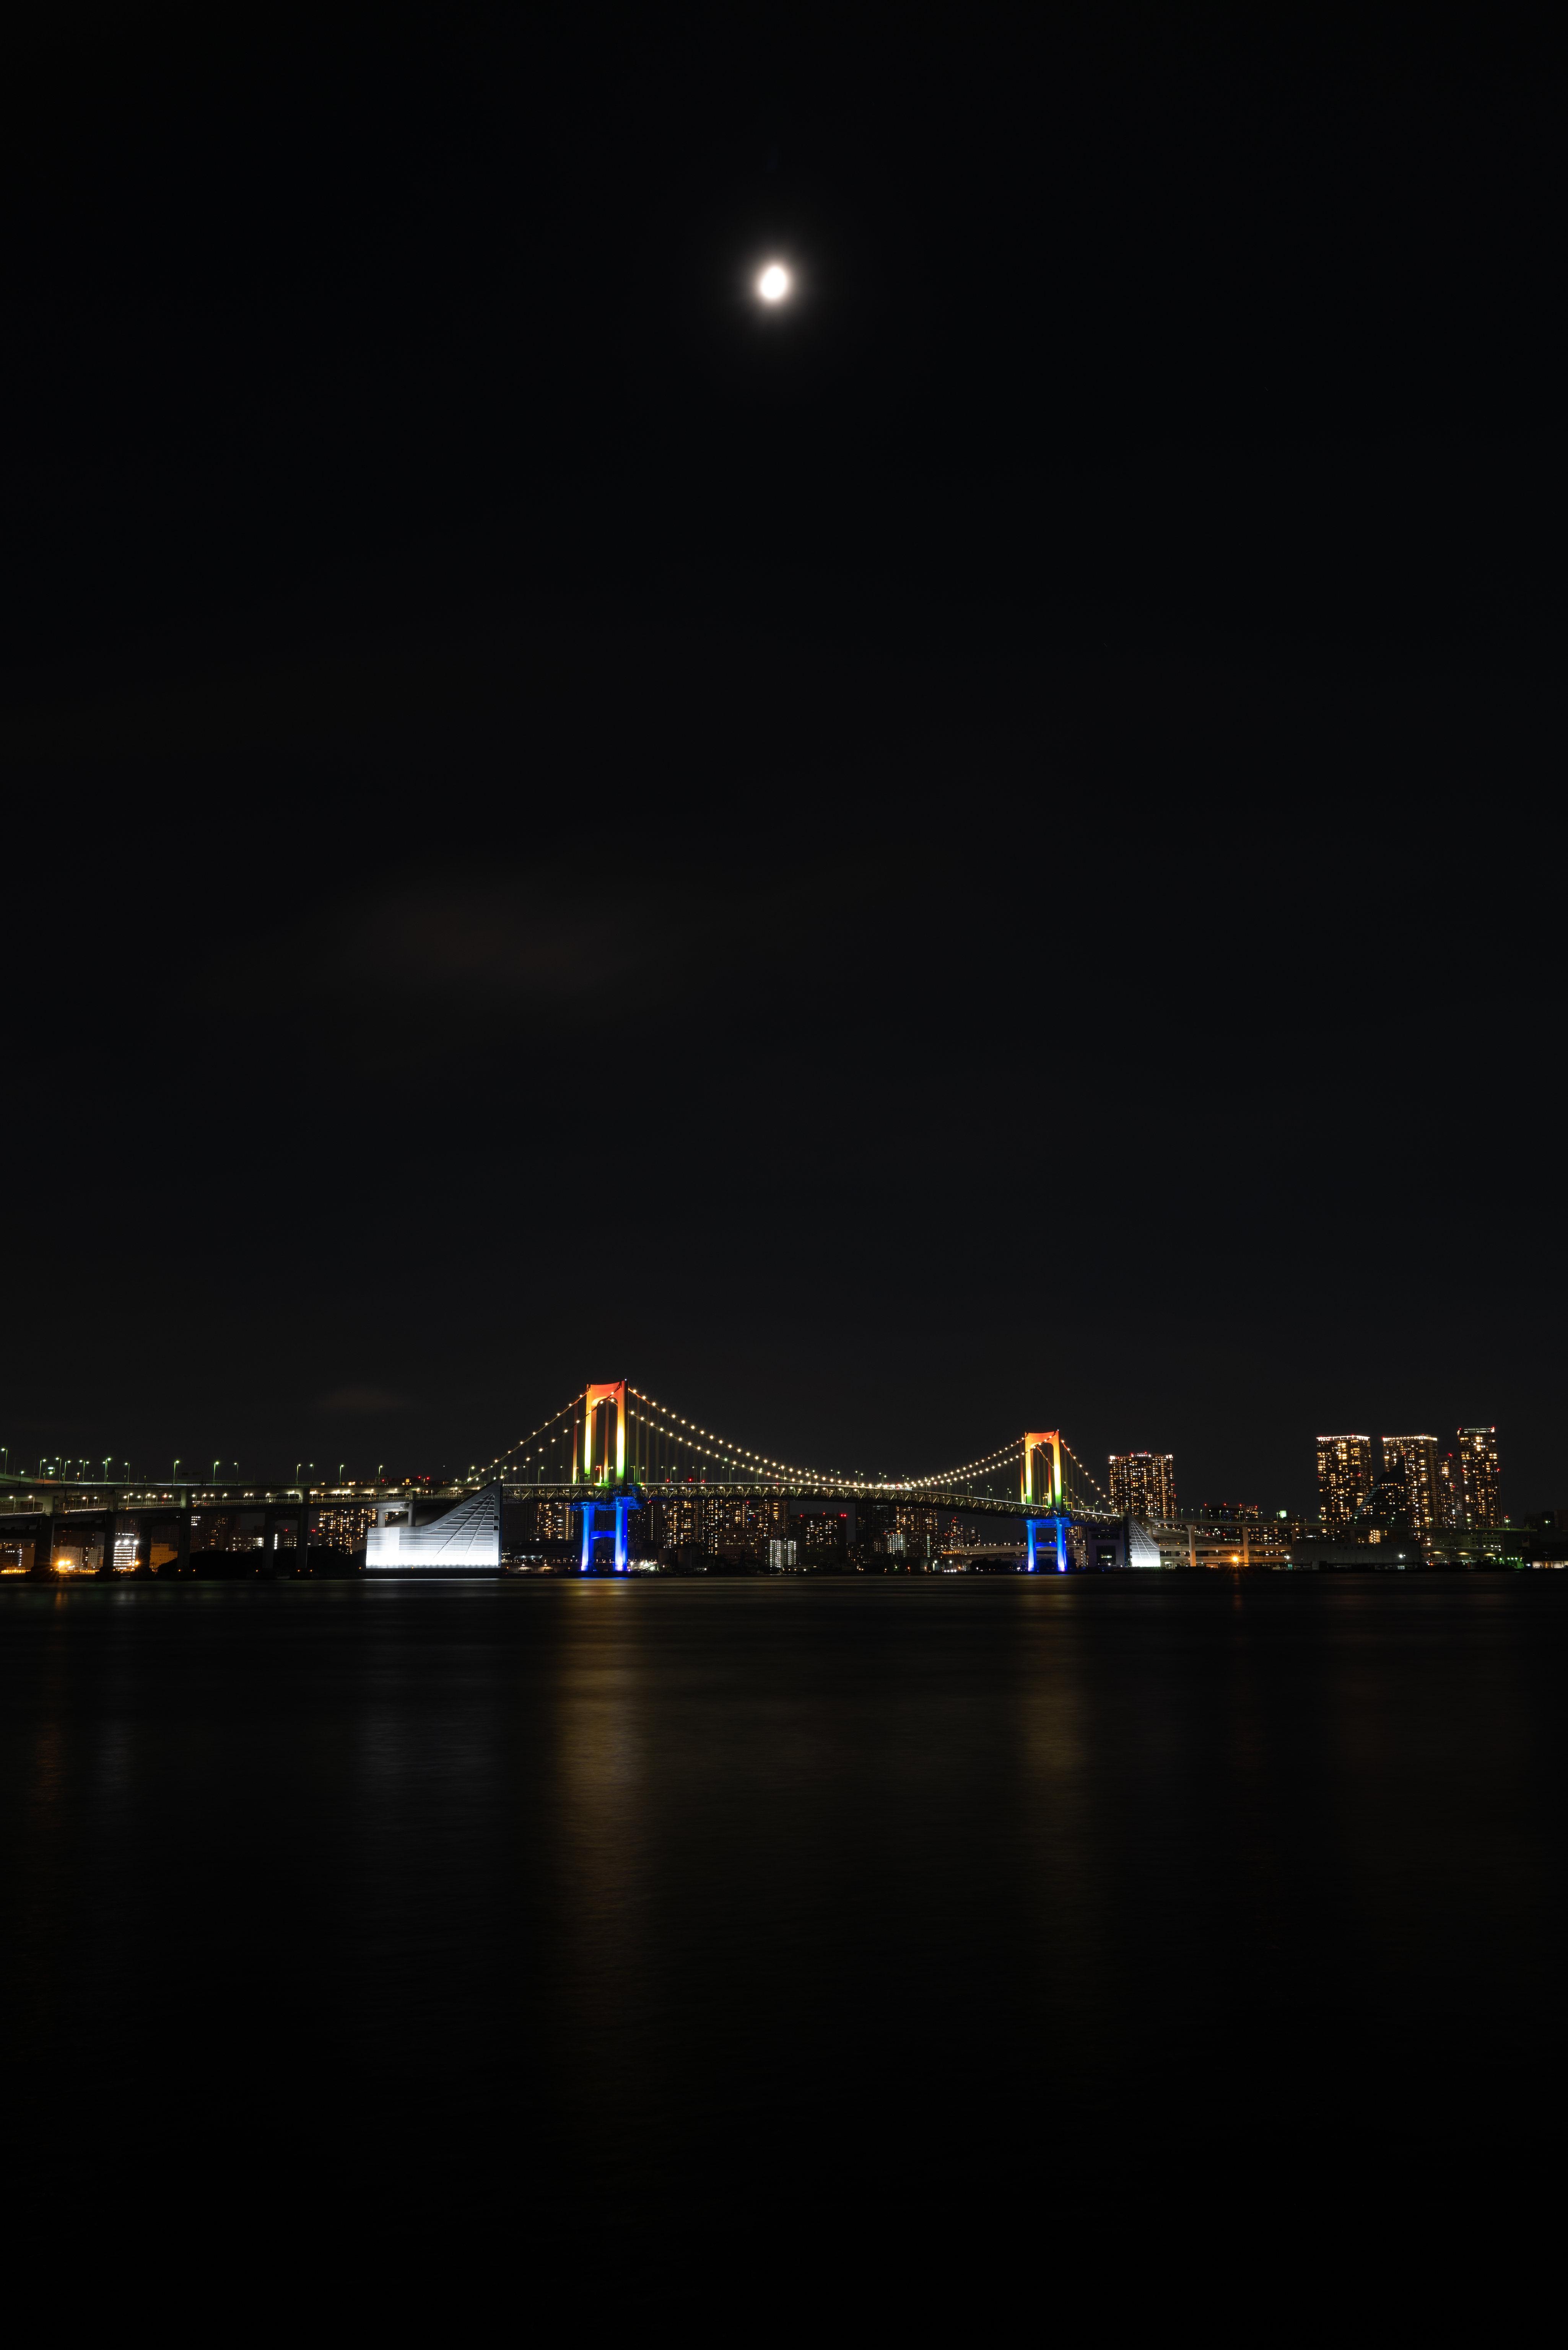 133727 免費下載壁紙 夜城, 桥, 灯光, 灯具, 月球, 水, 城市 屏保和圖片